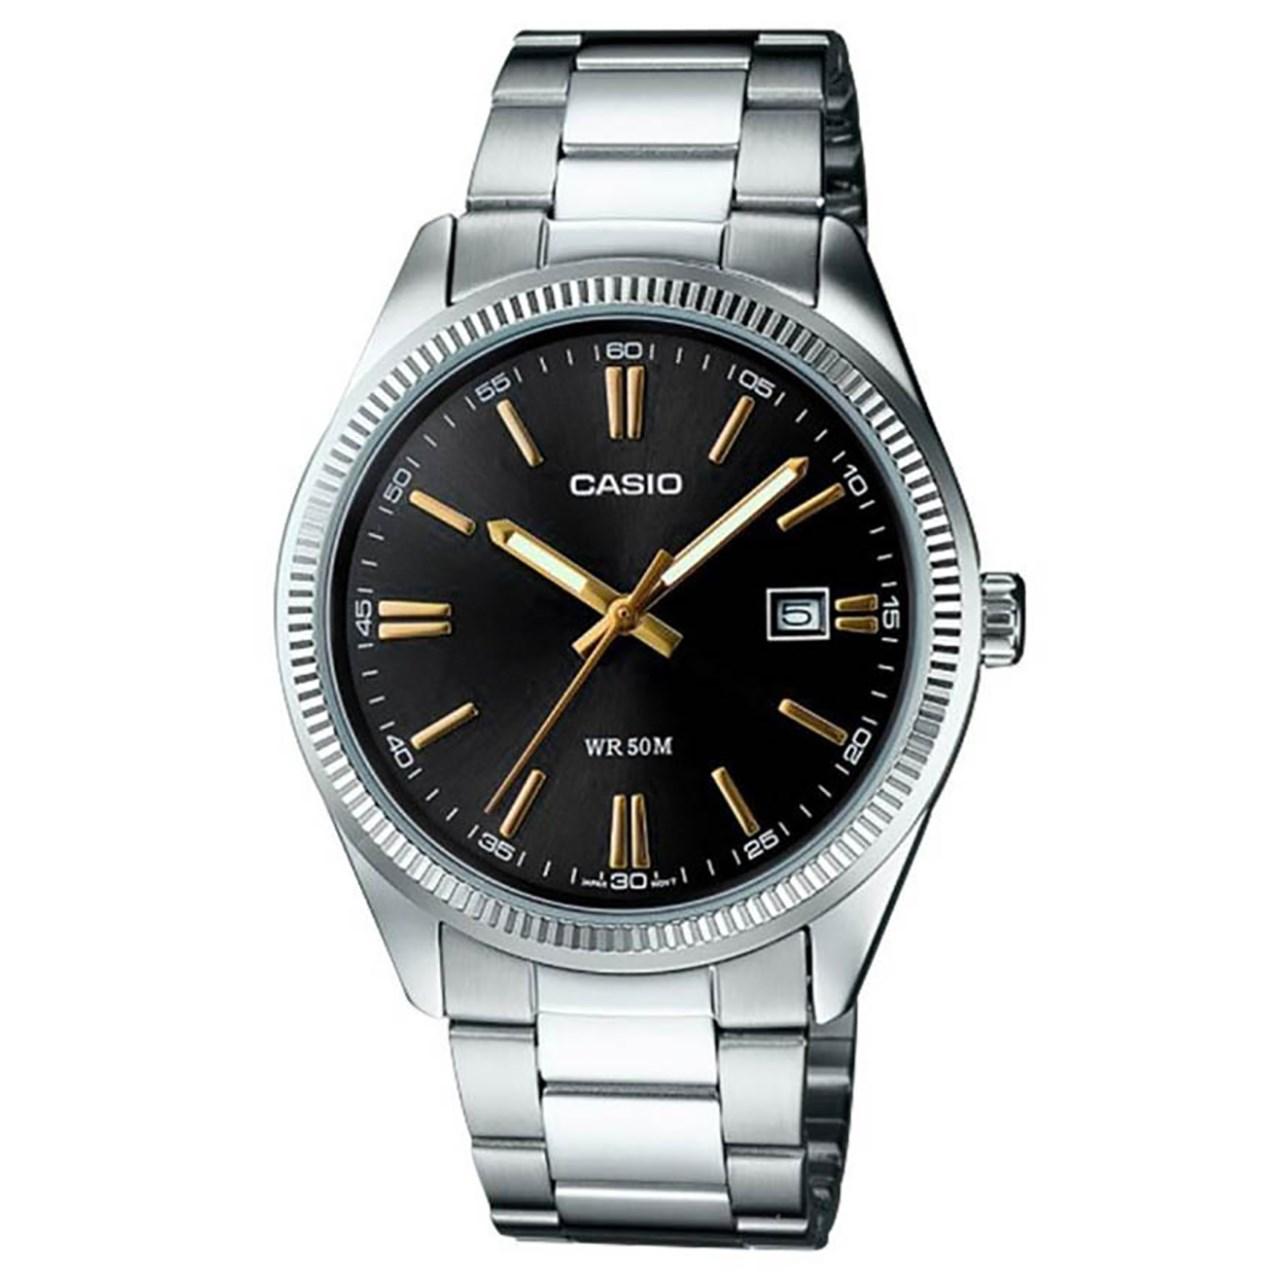 ساعت مچی عقربه ای مردانه  کاسیو مدل mtp-1302d-1a2vdf 22